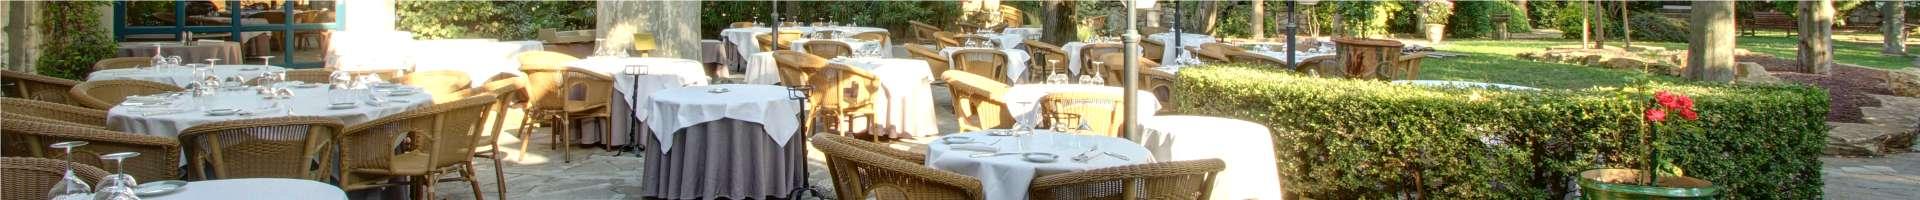 La terrasse du Najeti Hôtel la Magnaneraie à Avignon